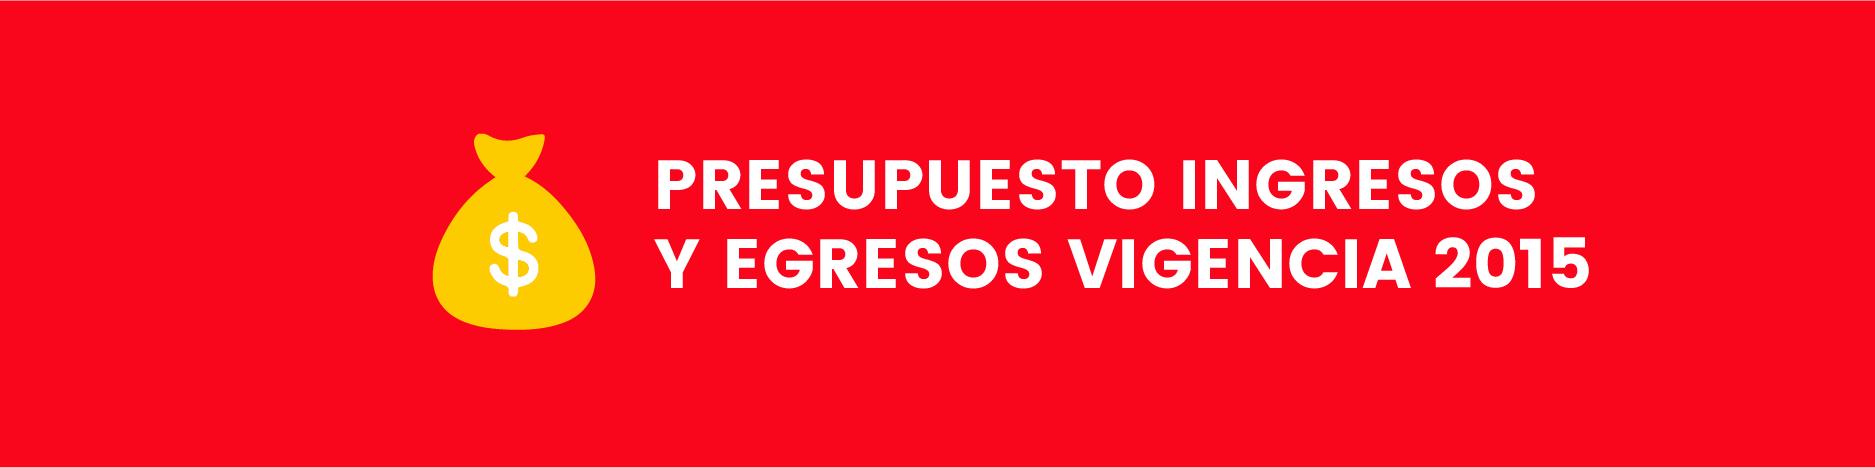 Presupuesto Ingresos y Egresos Vigencia 2015